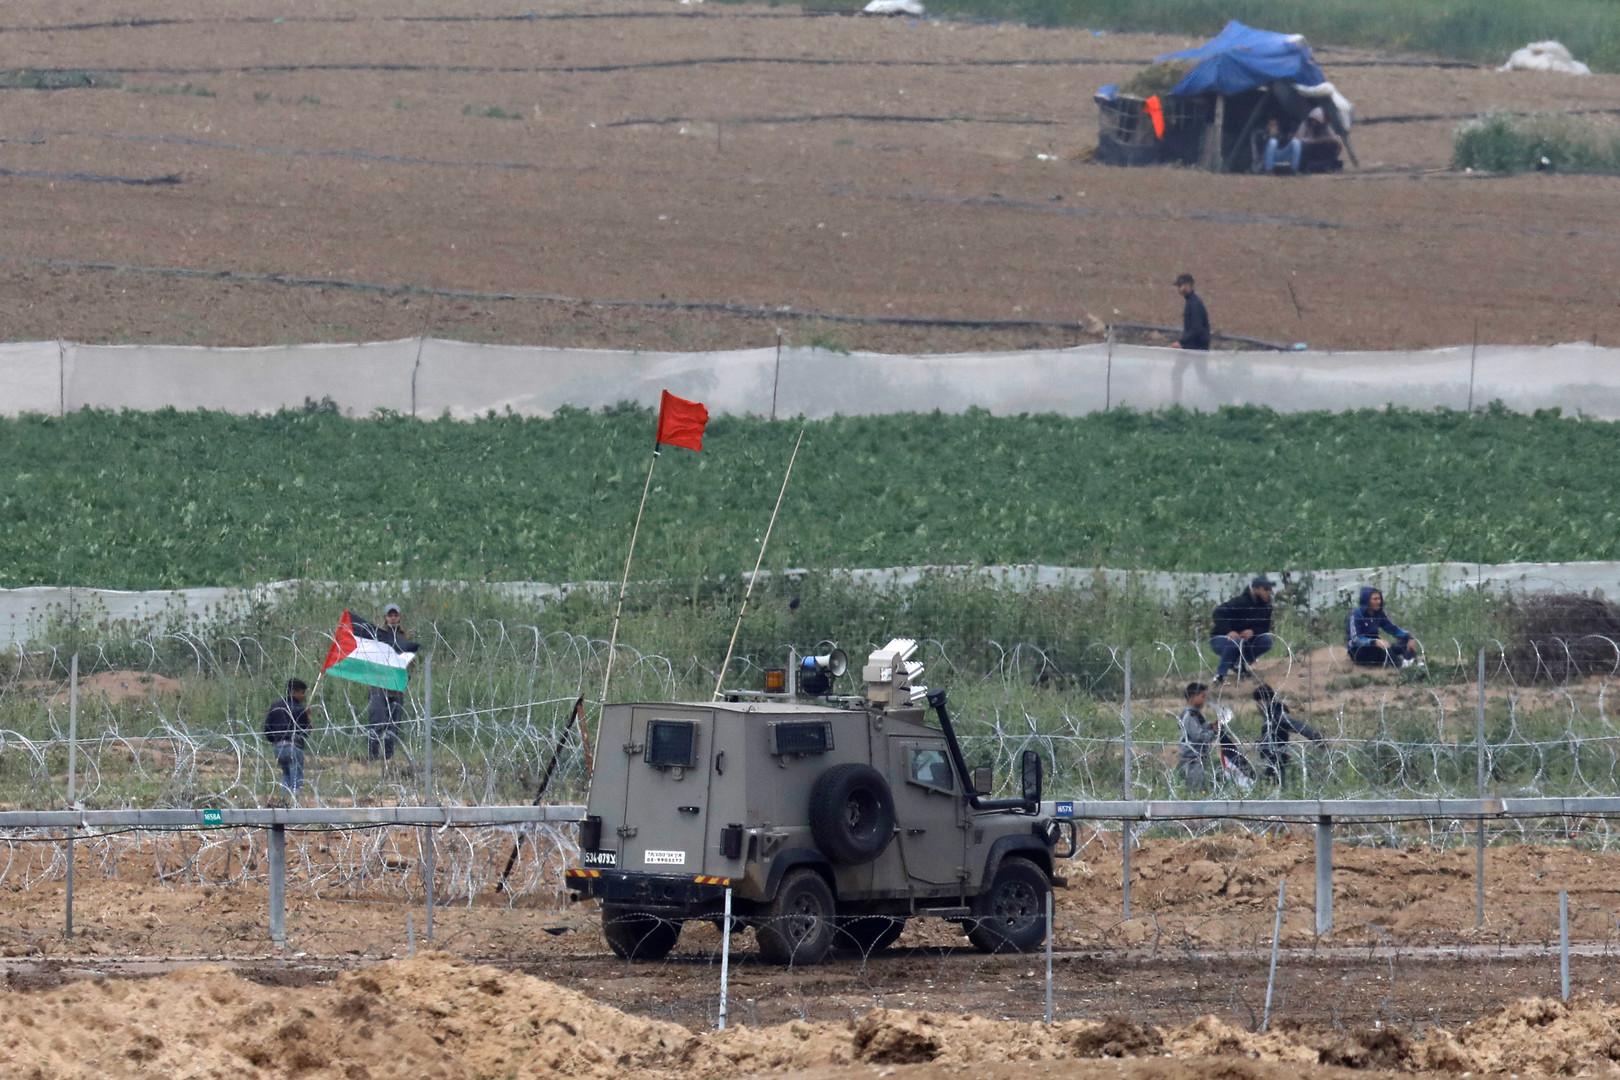 الجيش الإسرائيلي: مقتل 4فلسطيينخلال اشتباك على حدود قطاع غزة